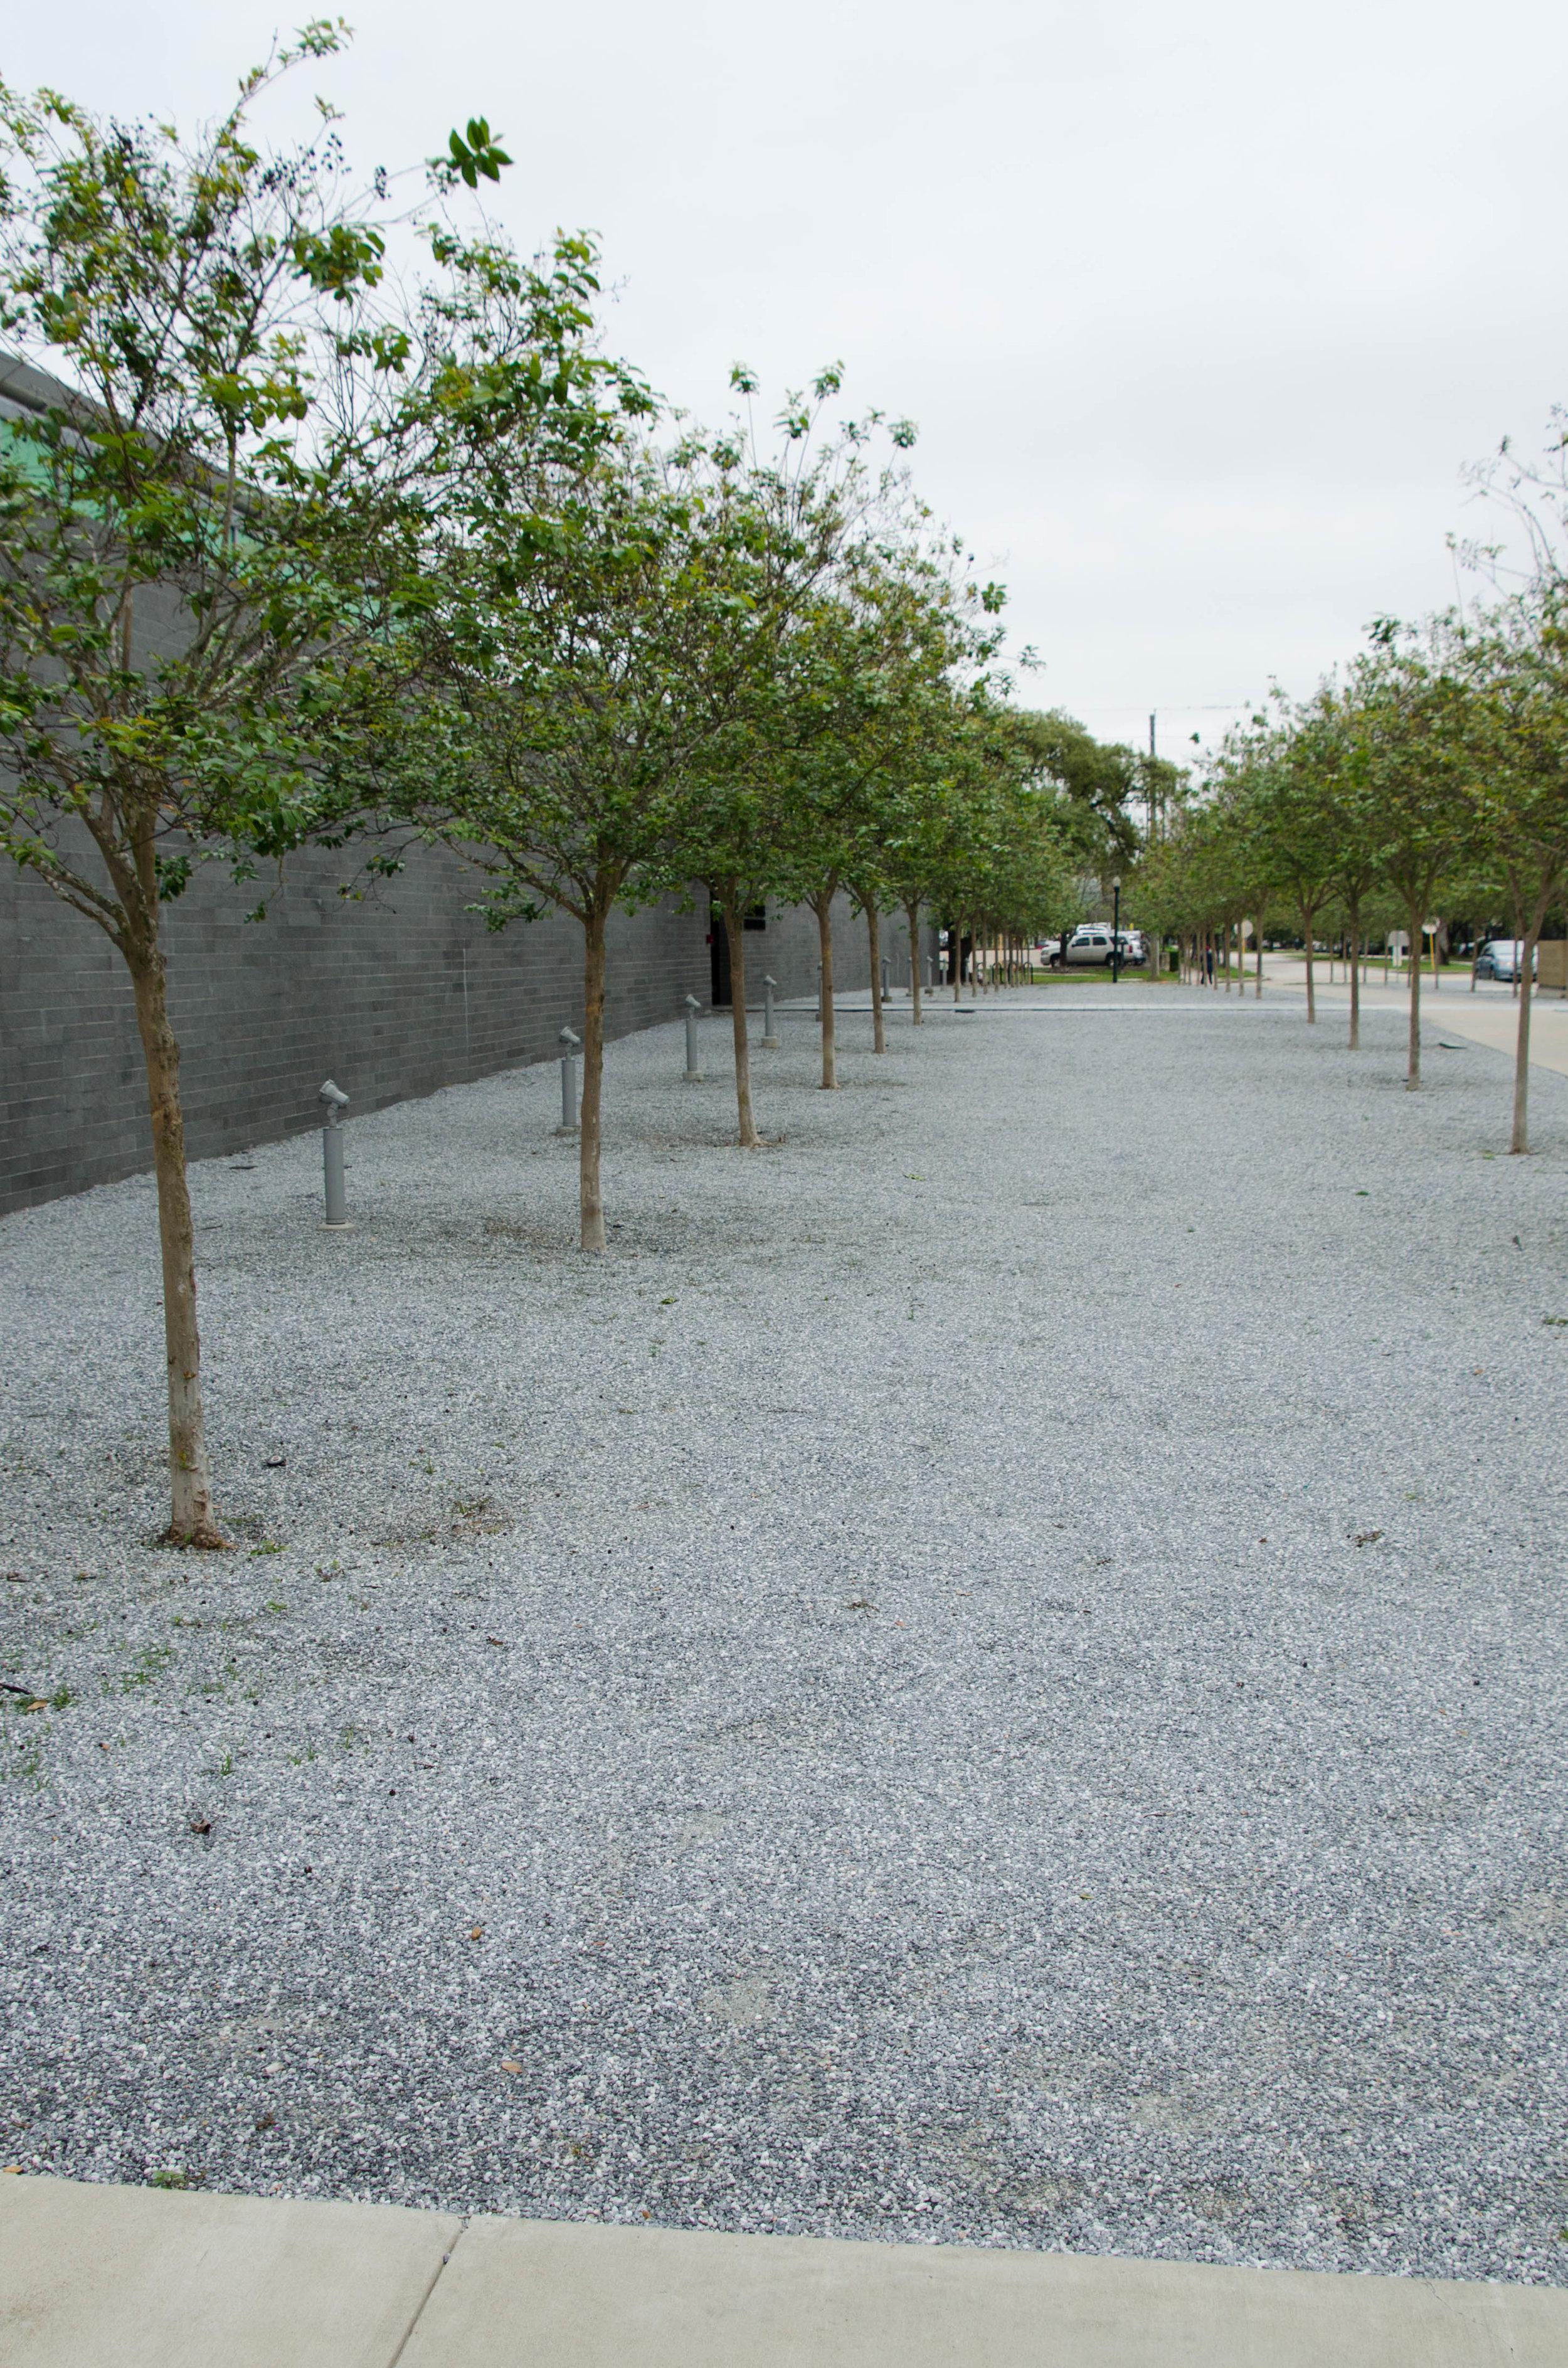 Entrance area of the McGovern Centennial Gardens